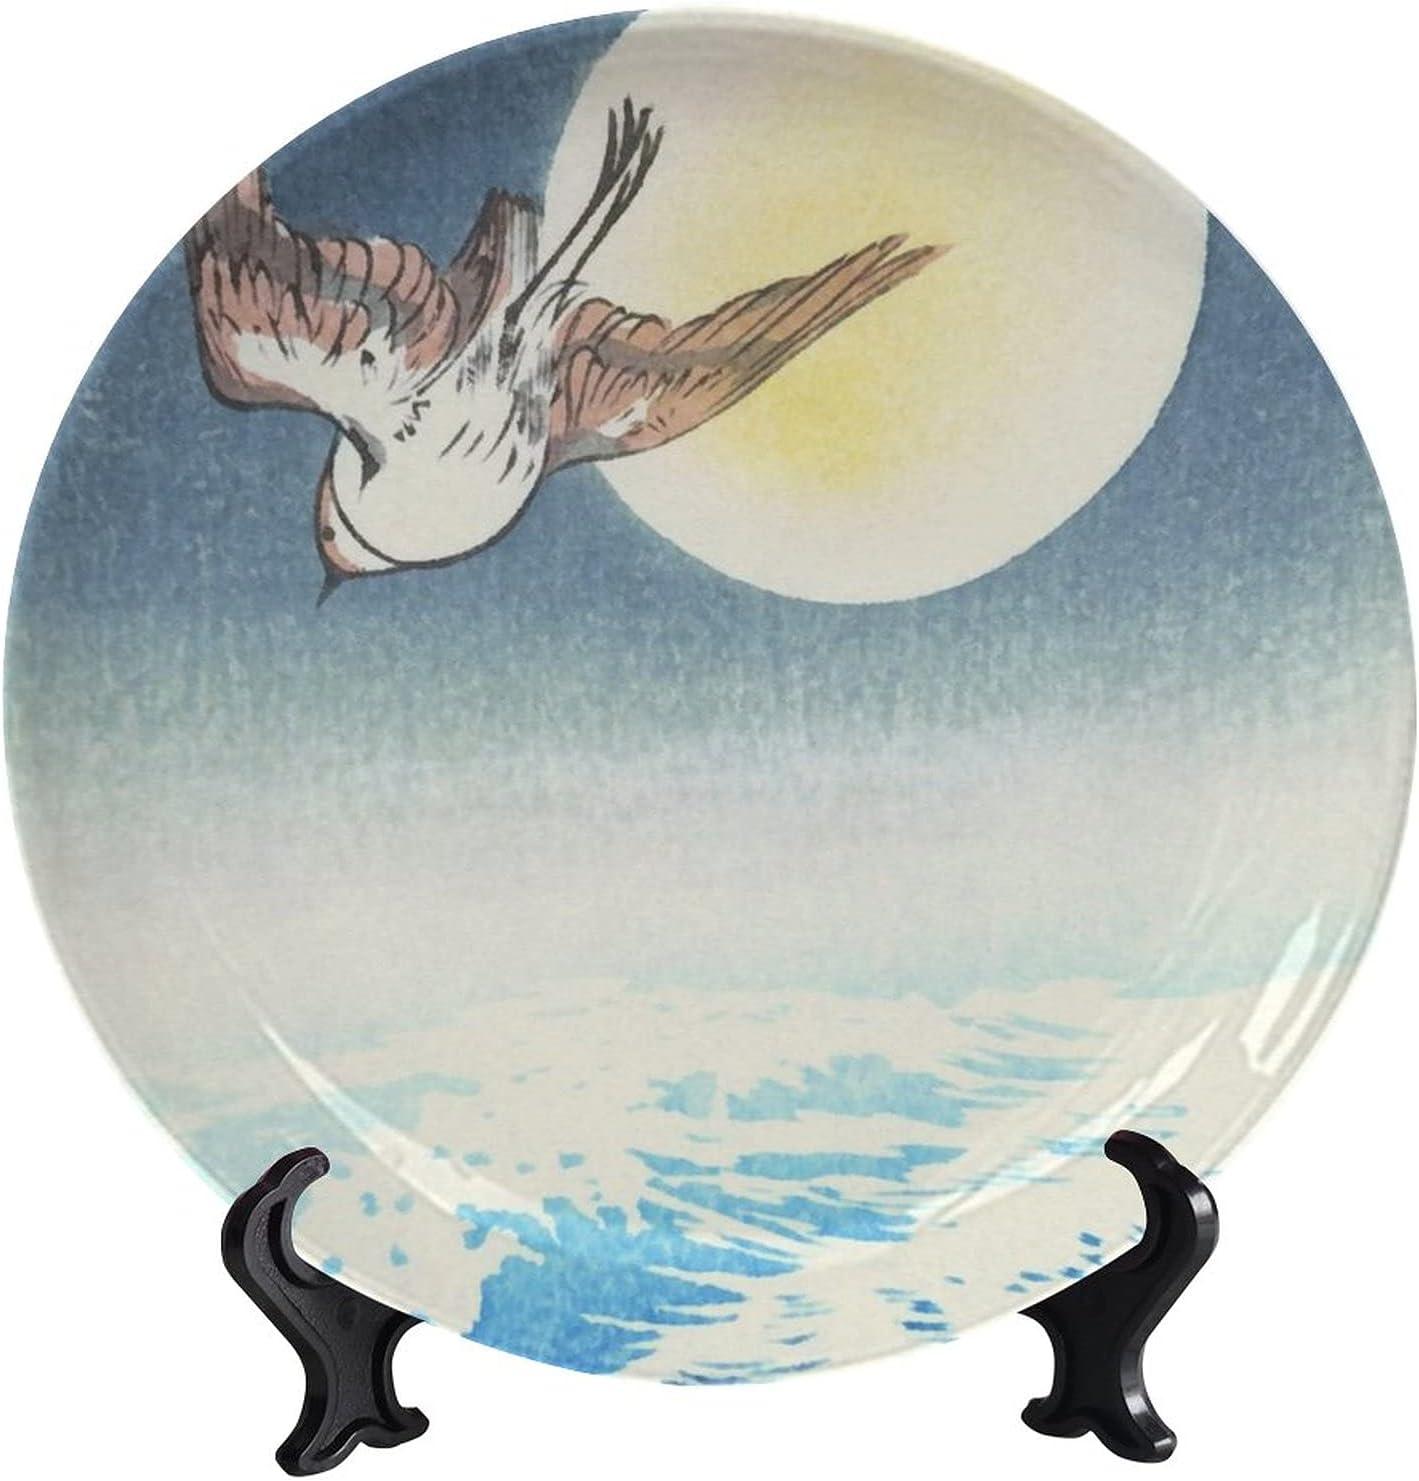 wonderr Sandpiper Albuquerque Mall OFFicial Sun and Sea Plates Art Vi Decorative Japanese